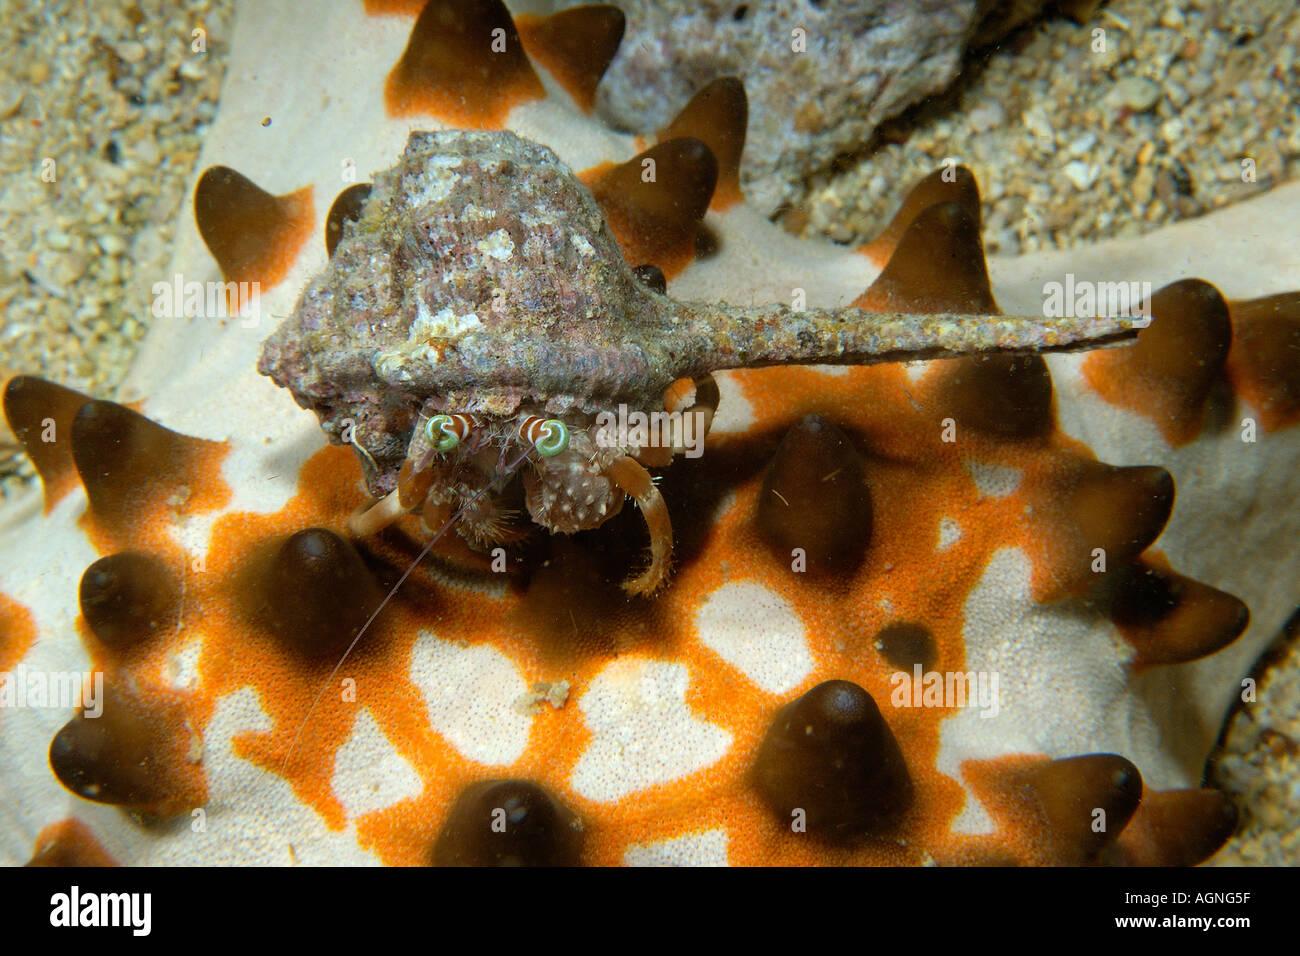 Anemone hermit crab Dardanus pedunculatus over chocolate chip ...